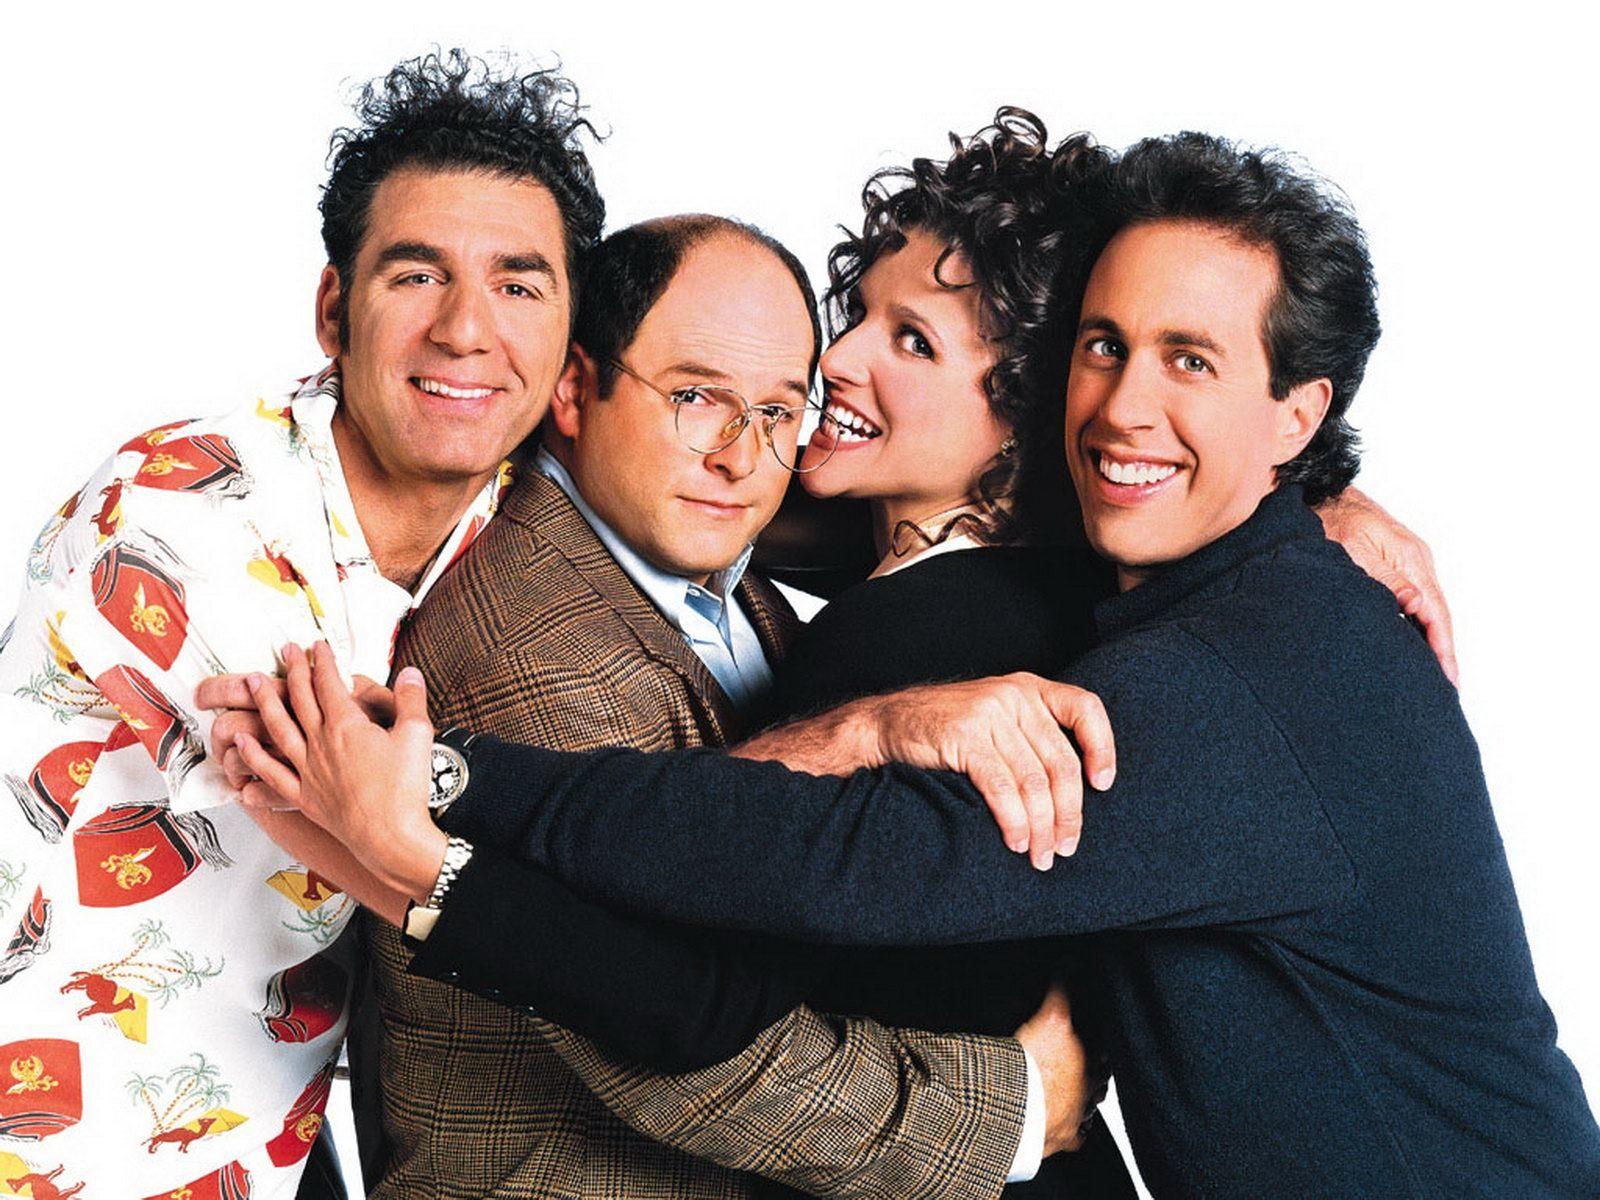 Seinfeld dix meilleures séries TV comiques